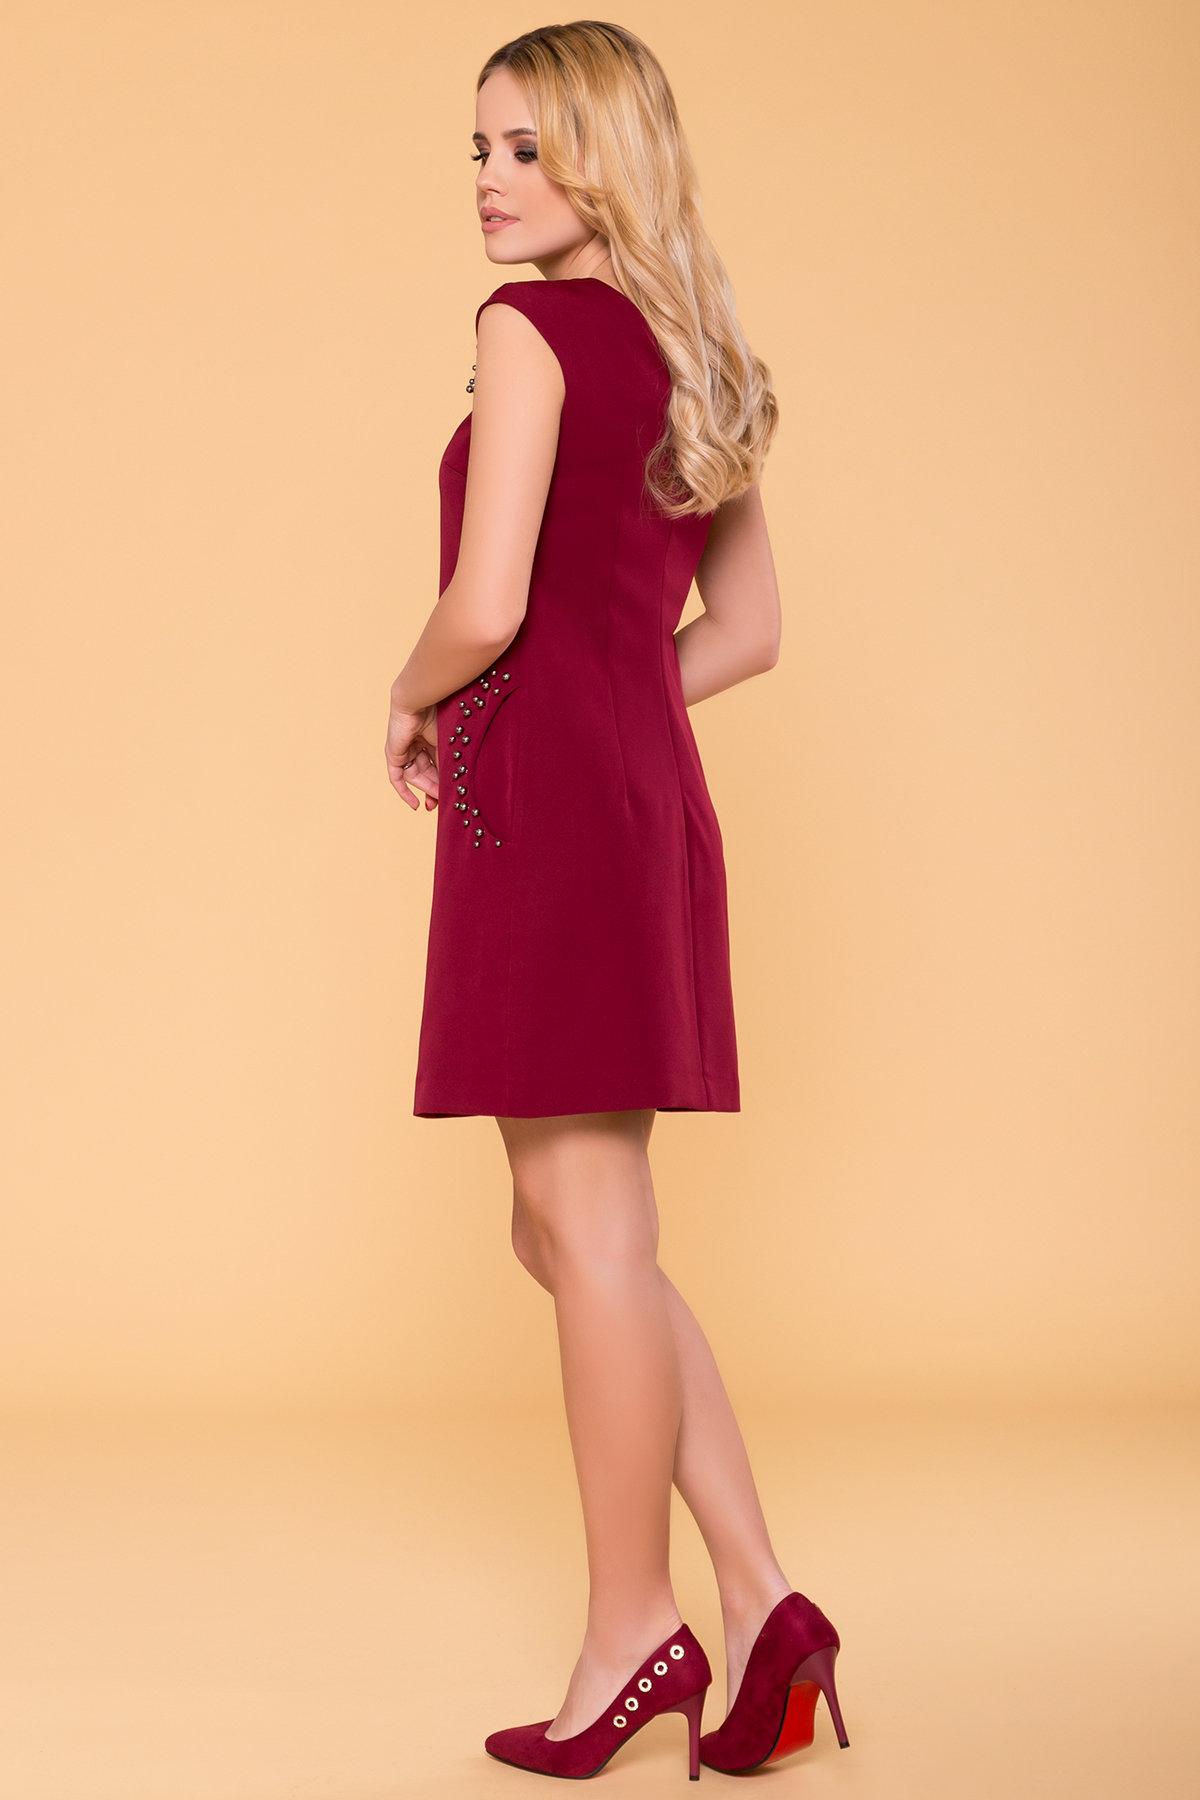 Платье с коротким рукавом Мими 4886 АРТ. 41436 Цвет: Марсала - фото 2, интернет магазин tm-modus.ru